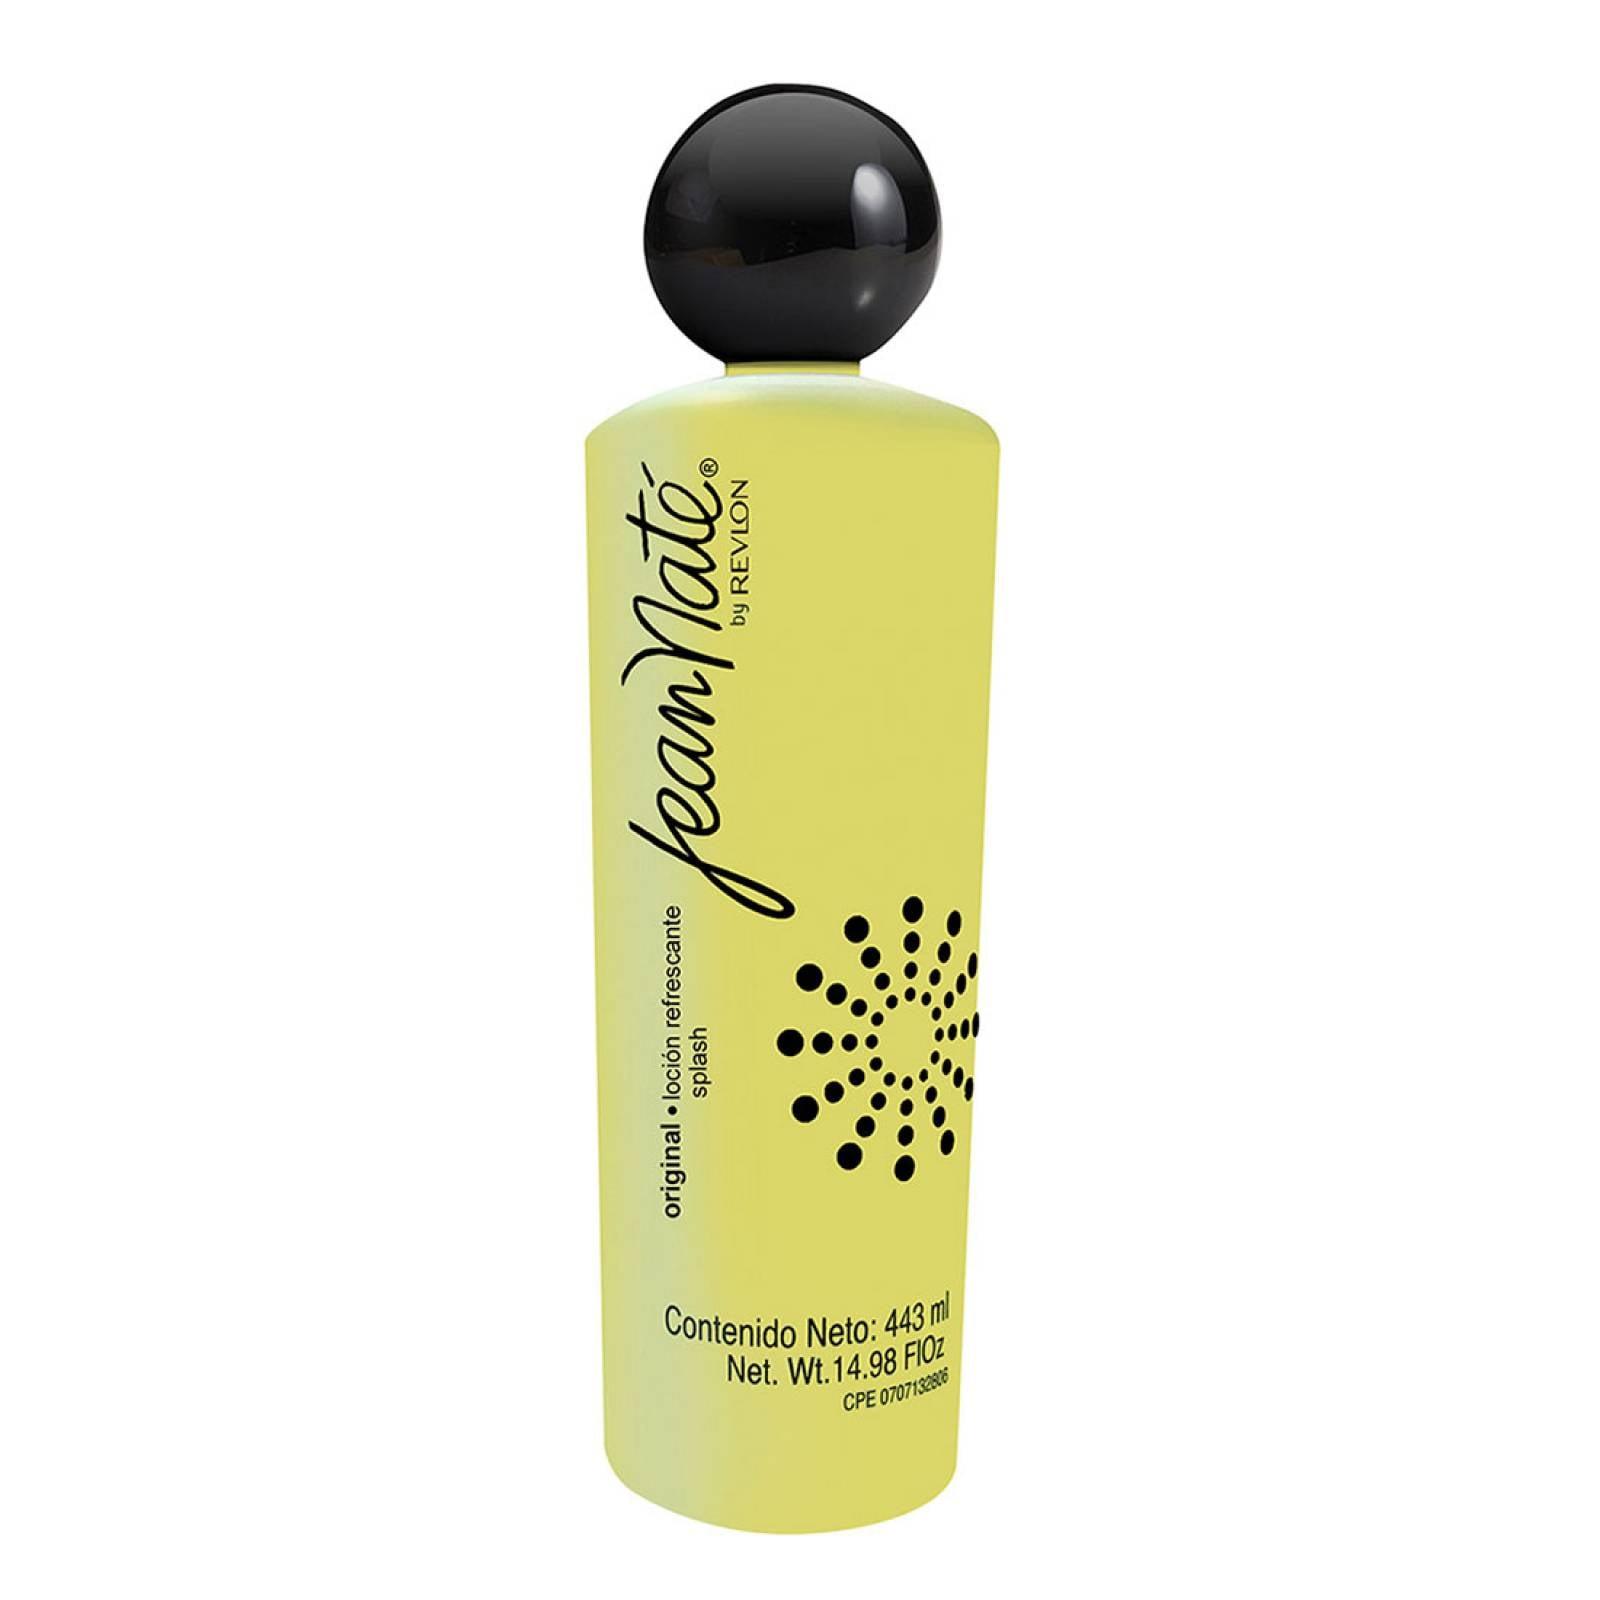 Perfume Unisex Aroma Refrescante 443ml Jean Naté Revlon